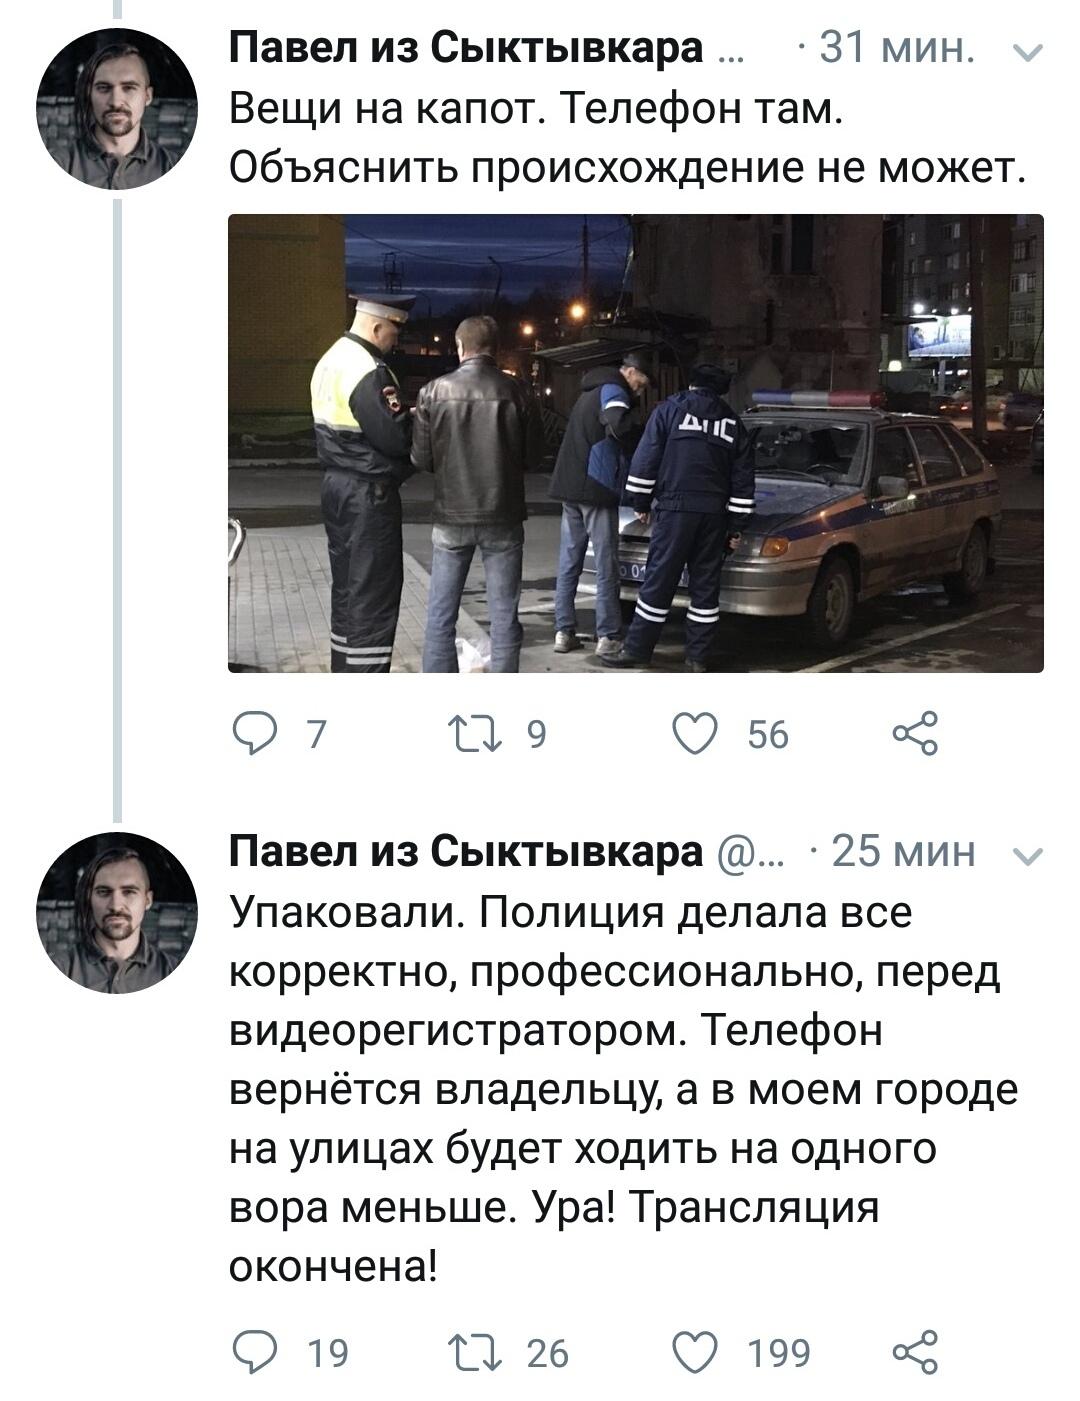 Сознательный гражданин Павел из Сыктывкара